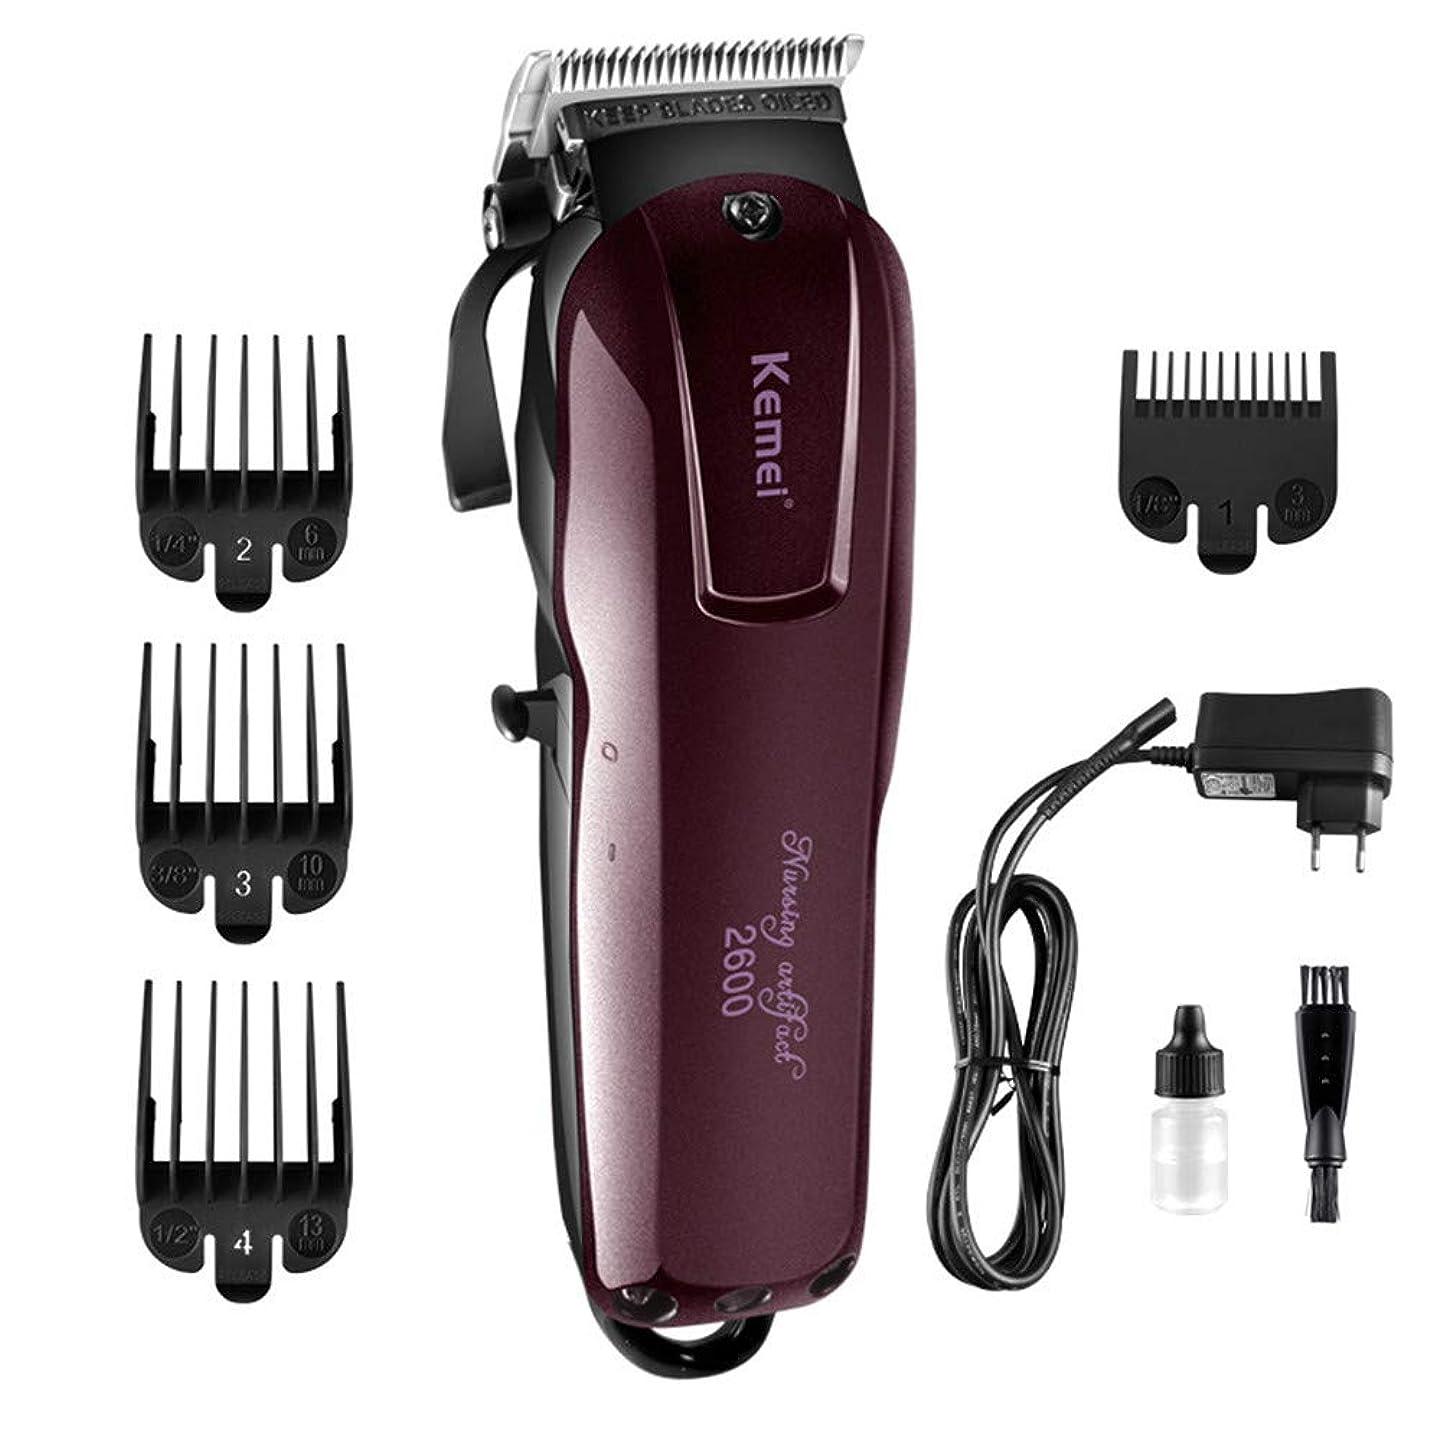 セージ同意遺産プロフェッショナル電気Washableヘアクリッパー充電式ヘアトリマーひげ剃り剃り剃刀コードレスアジャスタブルクリッパーKm -2600